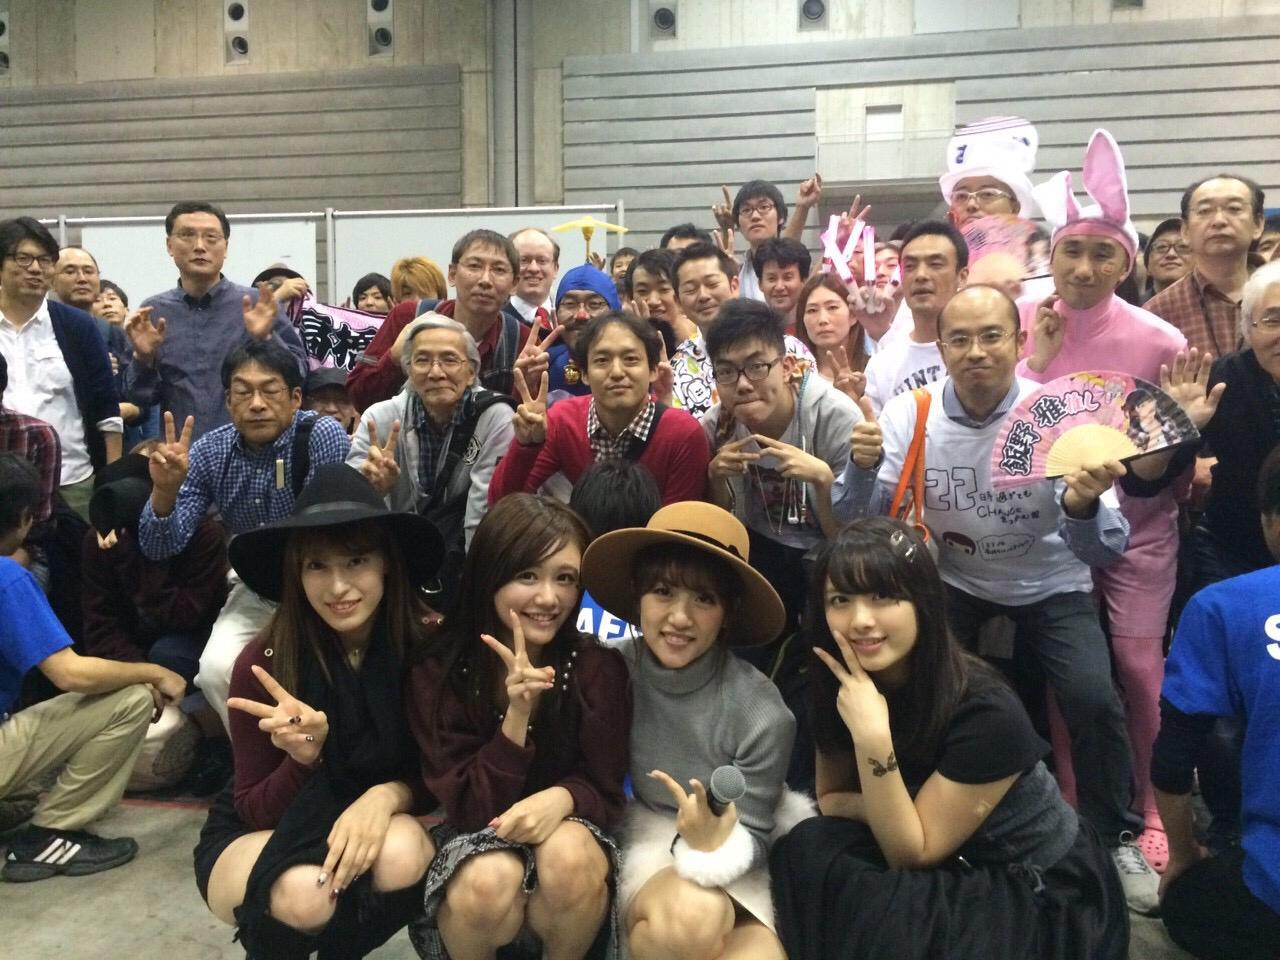 http://livedoor.blogimg.jp/akb48matomemory/imgs/e/6/e68358a7.jpg